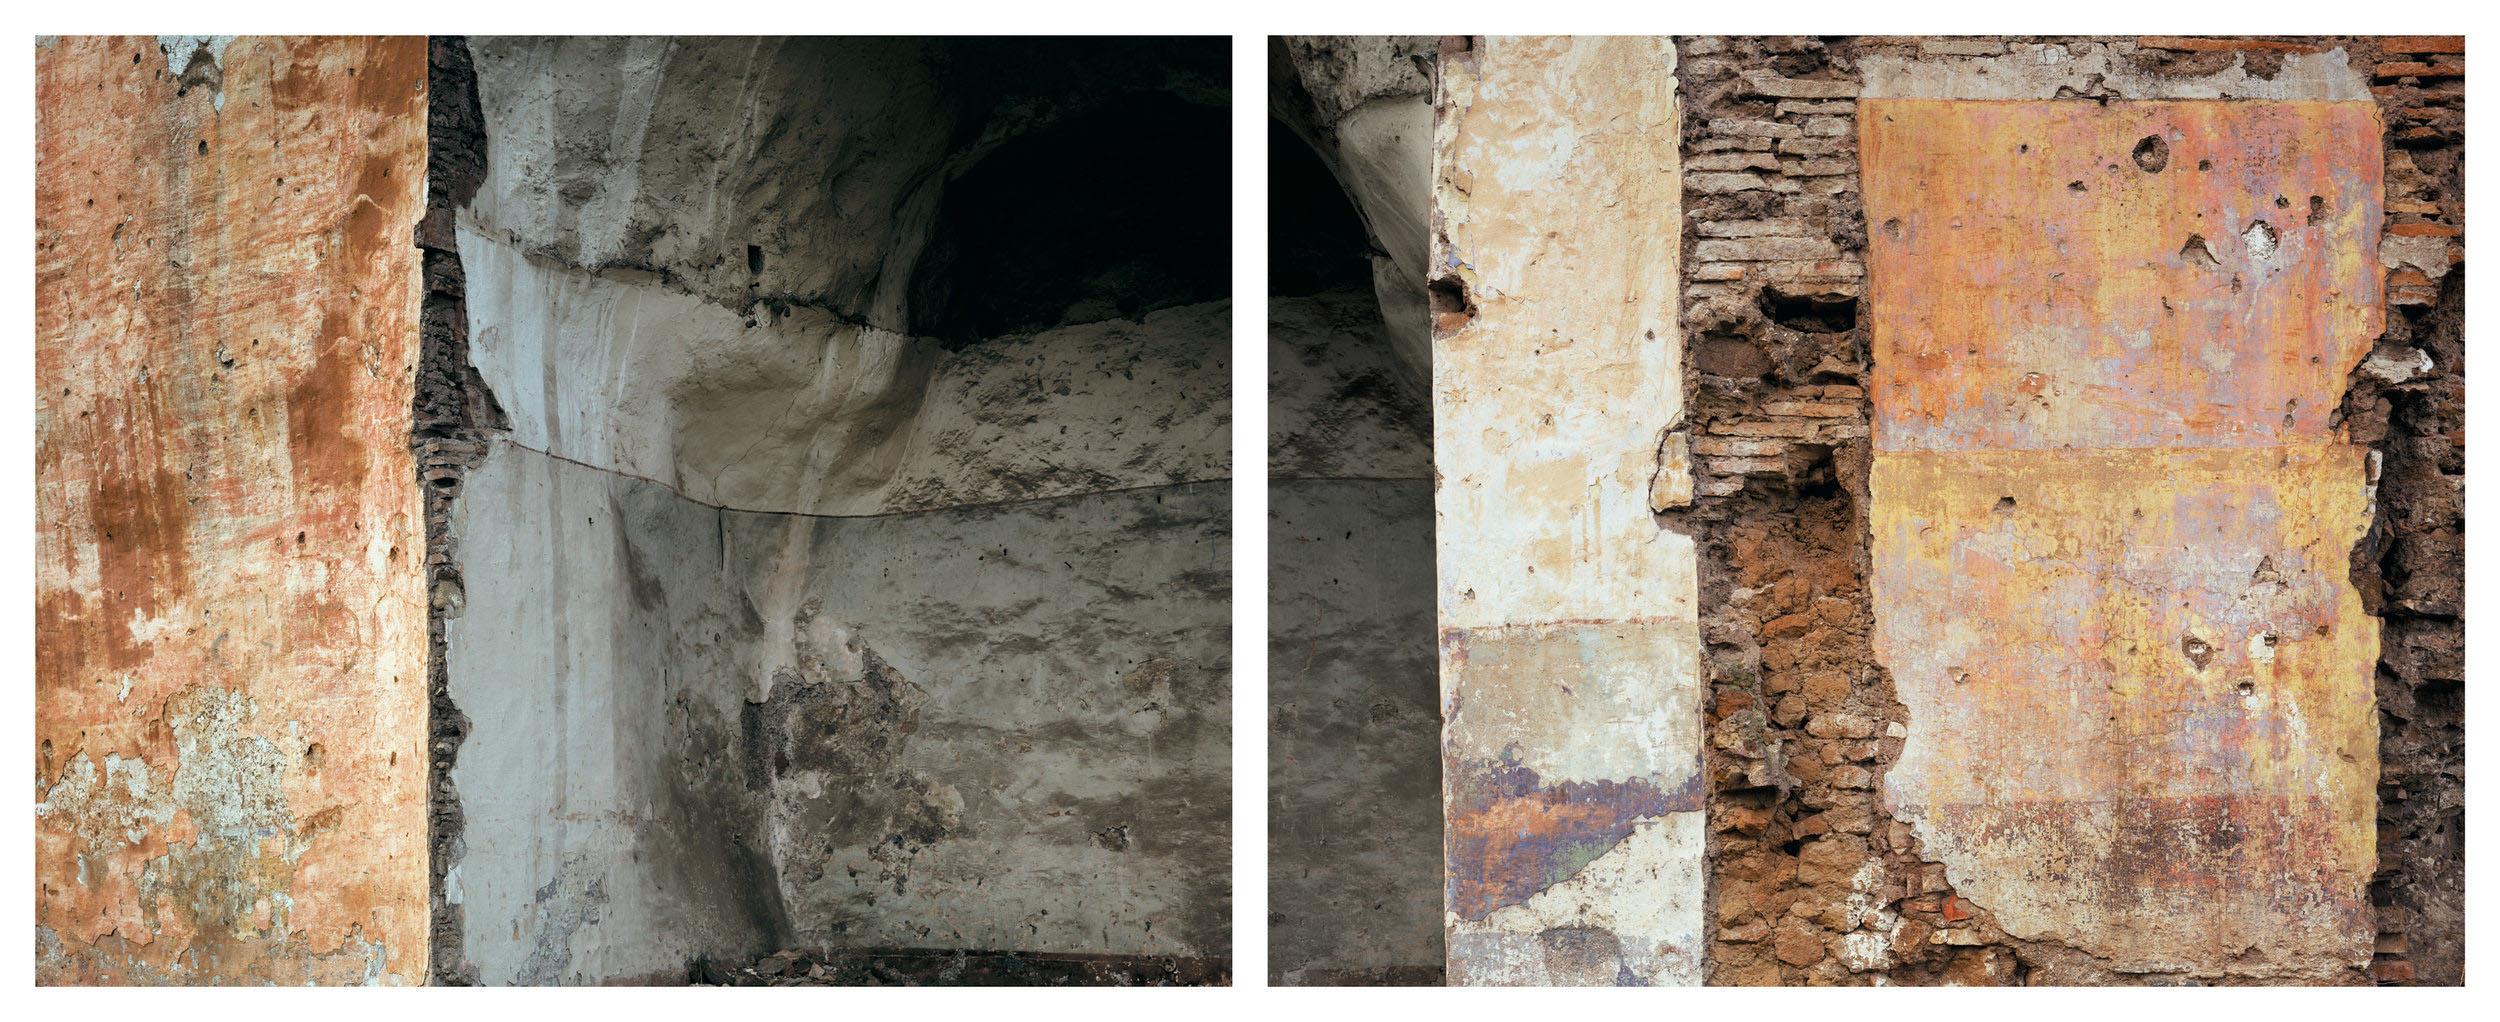 Arches of the Felice Aqueduct where squatters had lived, Vicolo dell' Aquedotto Felice, Rome, November 1990